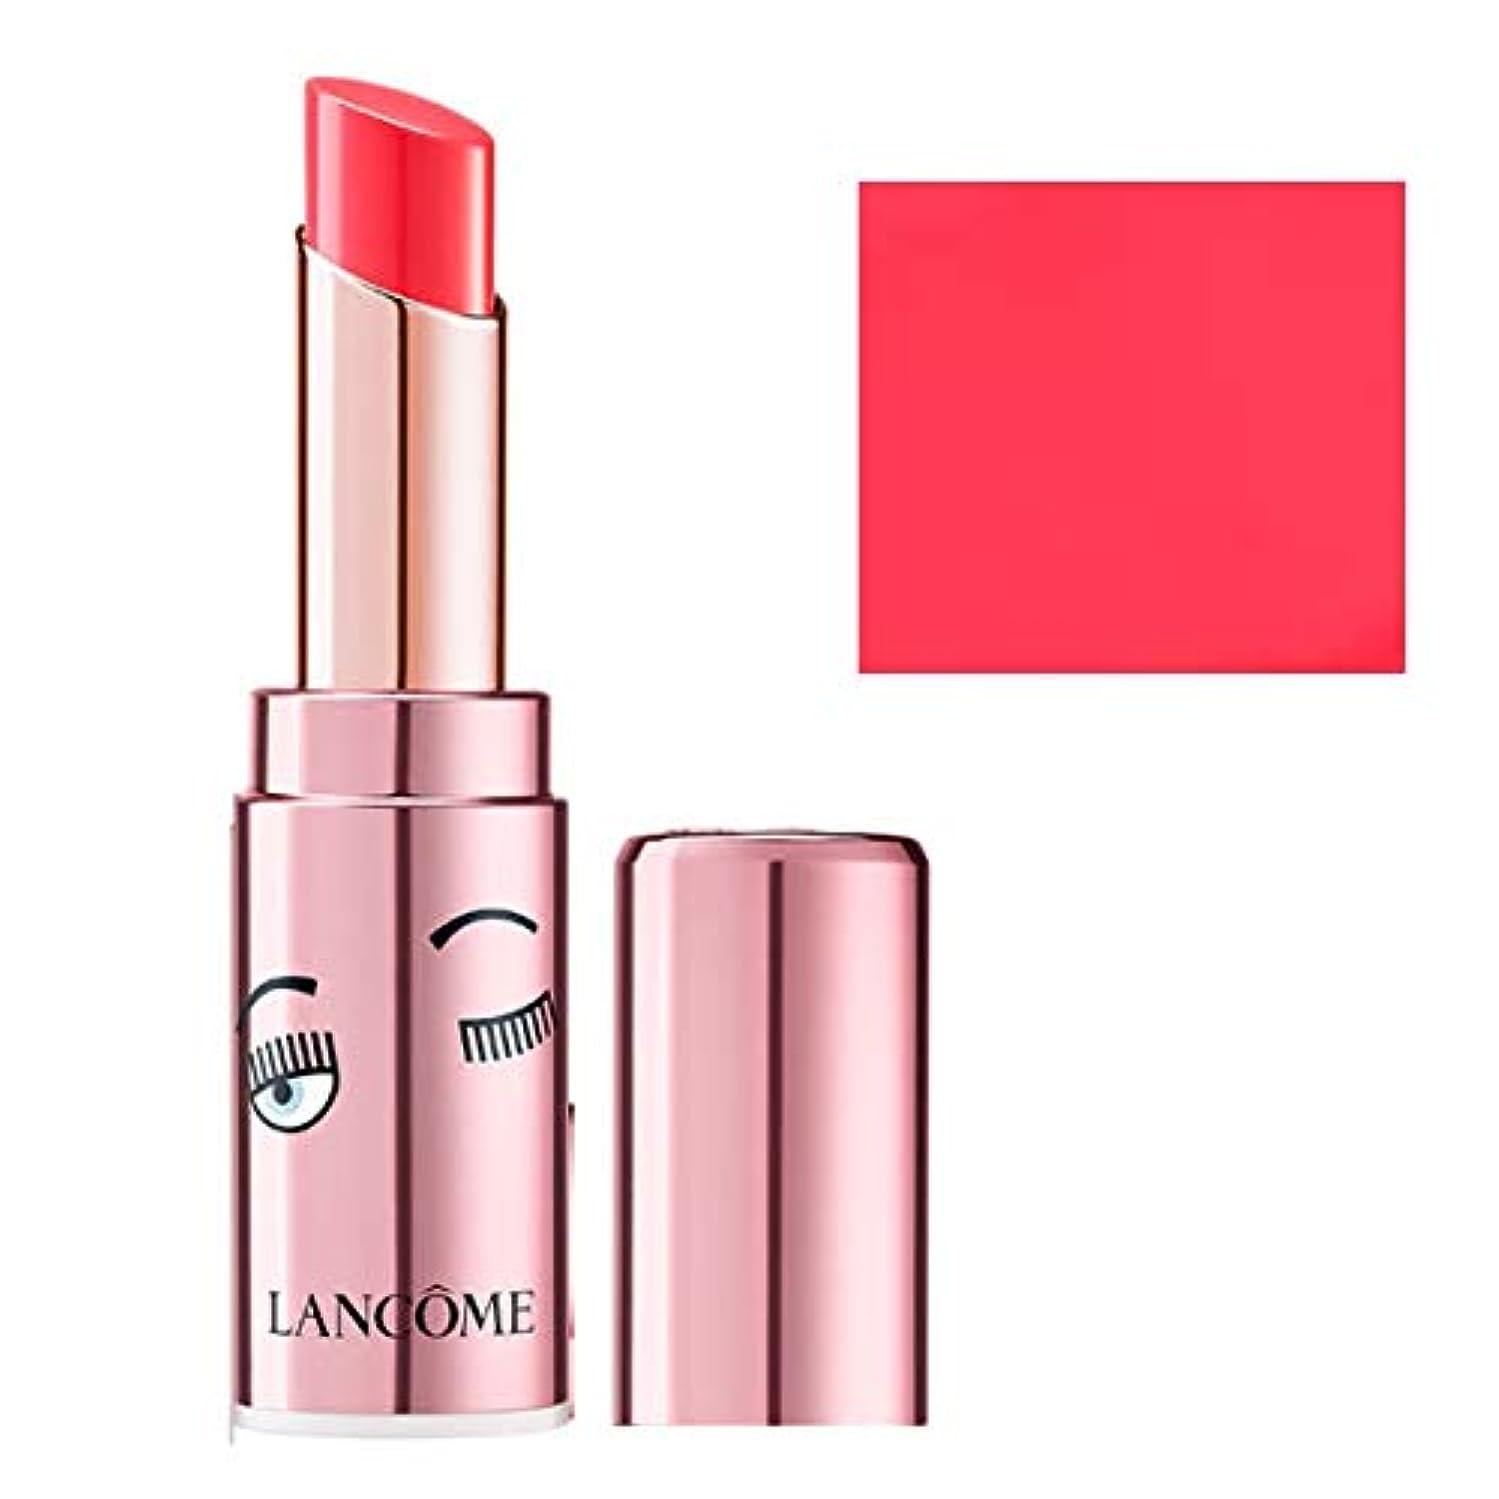 ランコム(LANCOME), 限定版 limited-edition, x Chiara Ferragni L'Absolu Mademoiselle Shine Balm Lipstick - Positive Attitude...